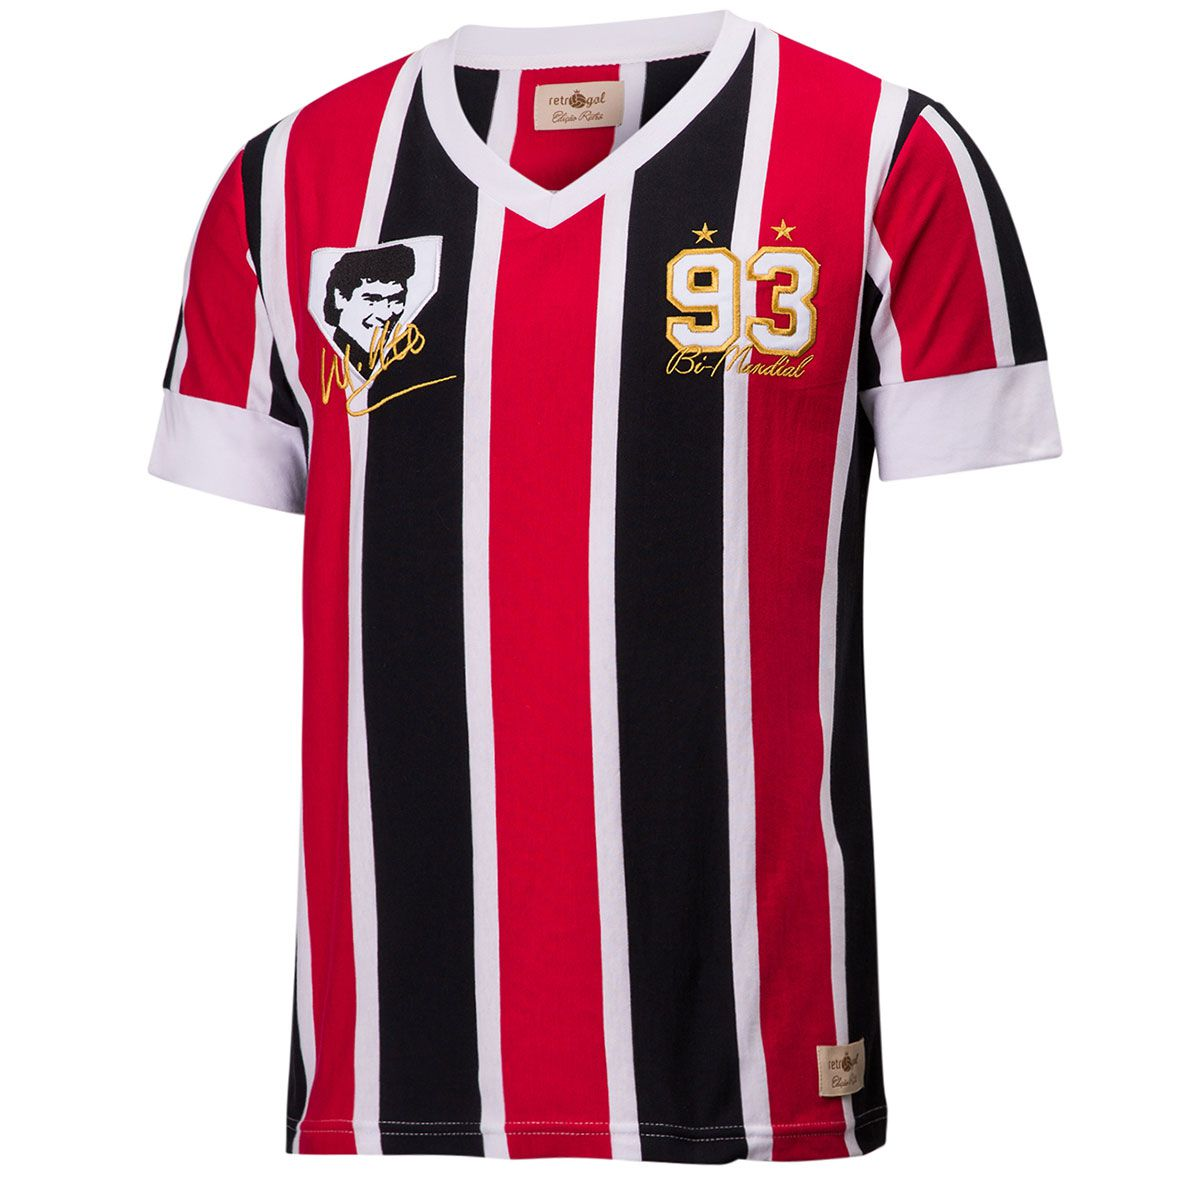 Camisa Retrô Gol Muller Ex - São Paulo 1993 Listrada